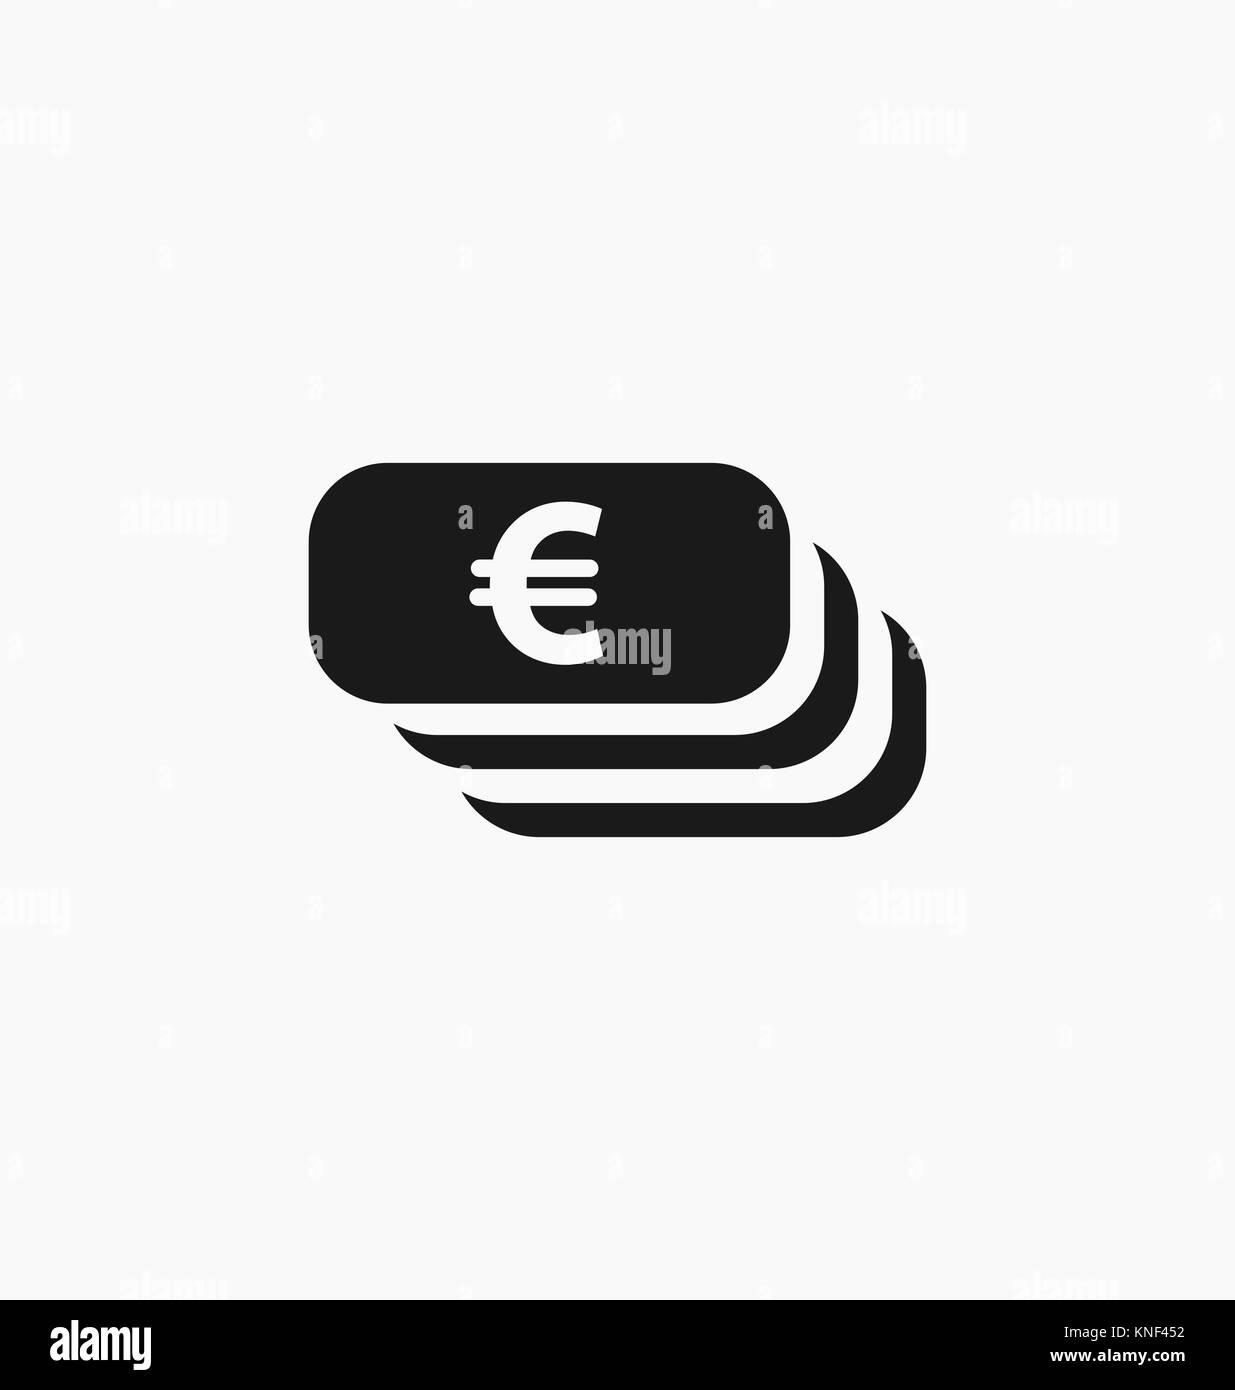 Euro symbol european currency icon stock vector art euro symbol european currency icon biocorpaavc